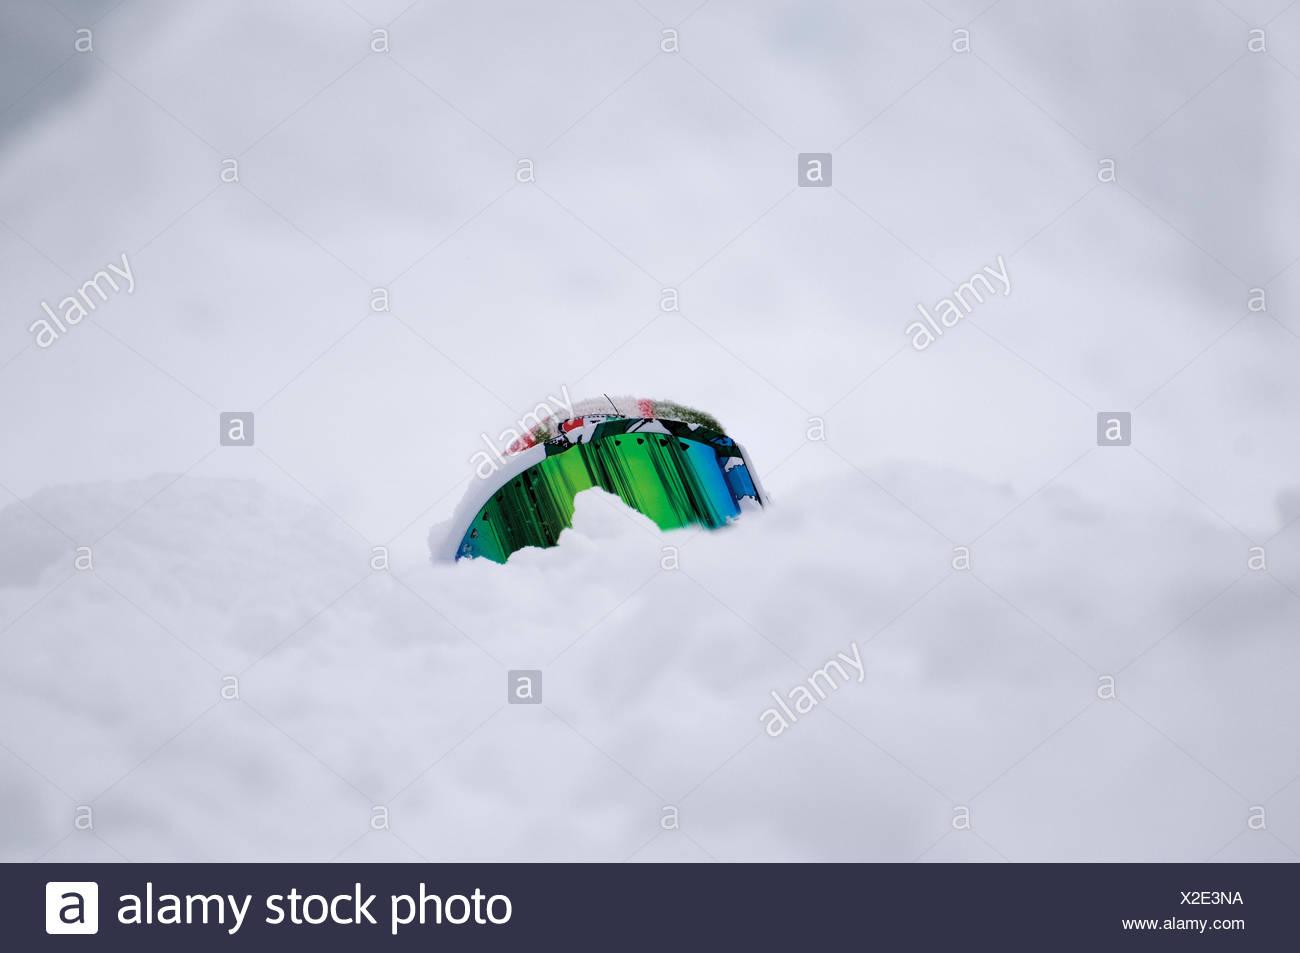 Close-Up di maschere da sci sulla neve campo coperto Immagini Stock